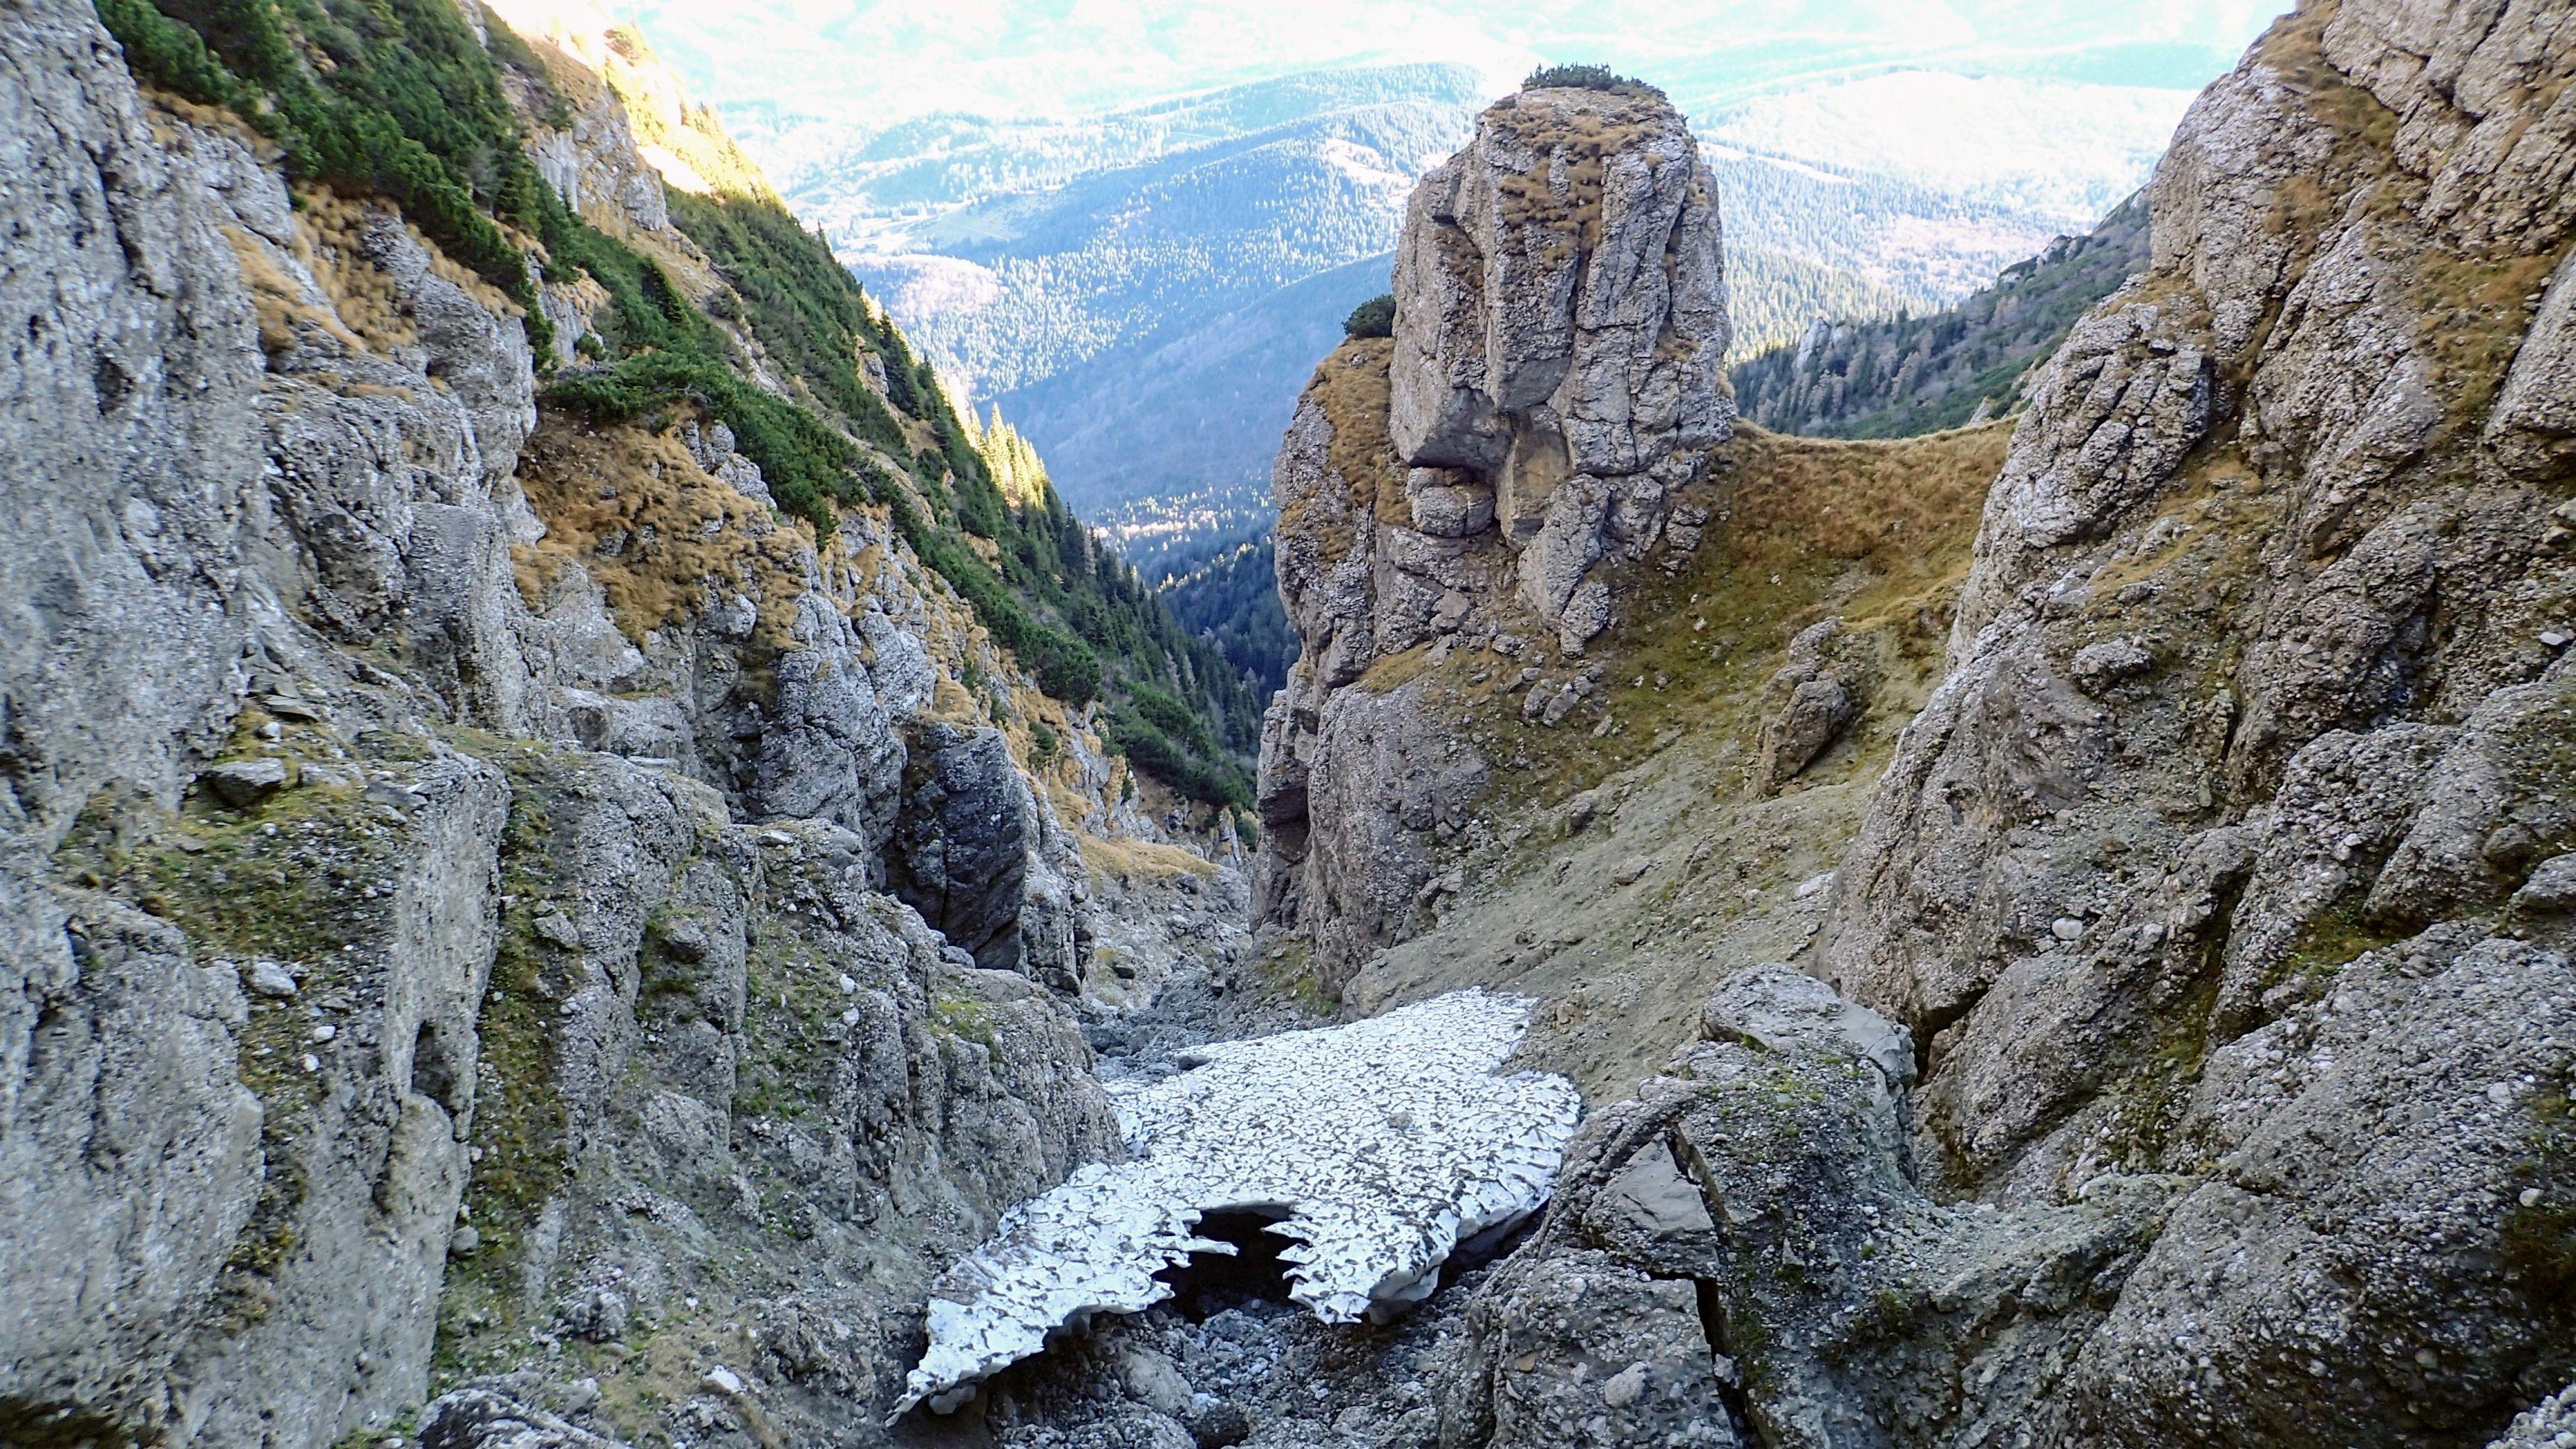 Coaja de gheata si turnul cu jnepeni vazute de sus